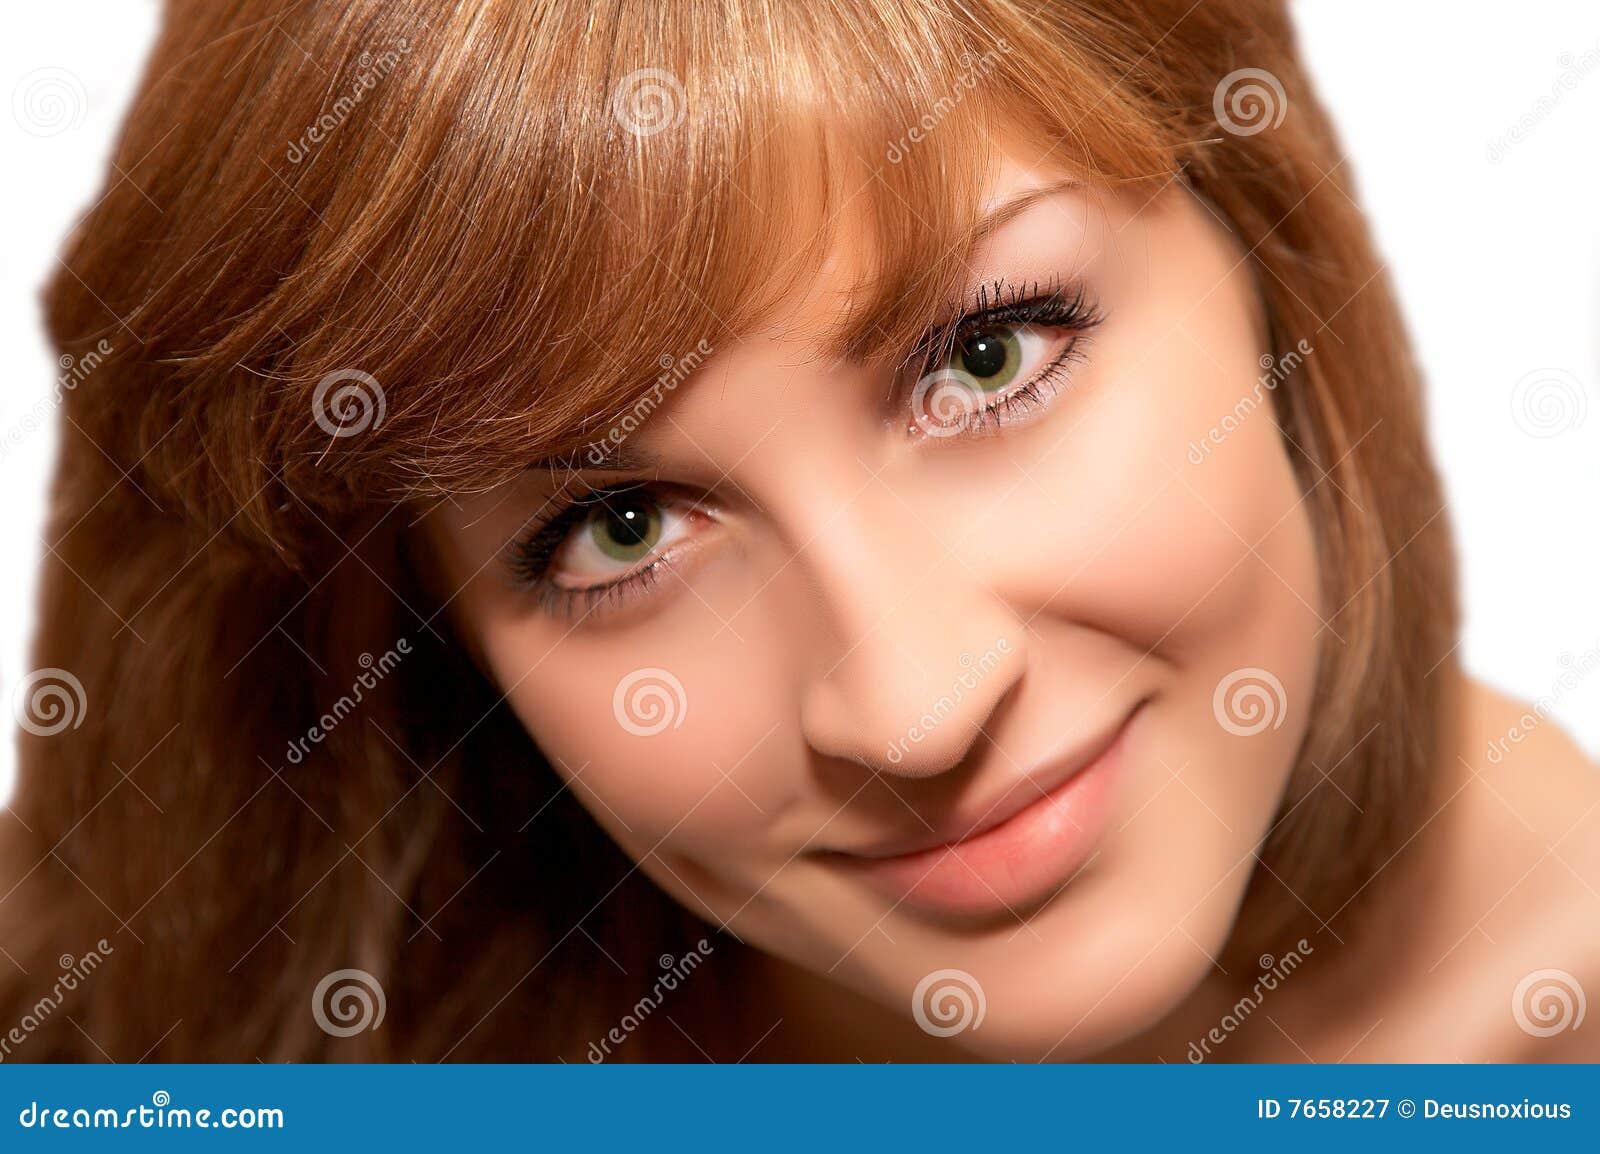 retrato-do-close-up-de-mulheres-bonitas-